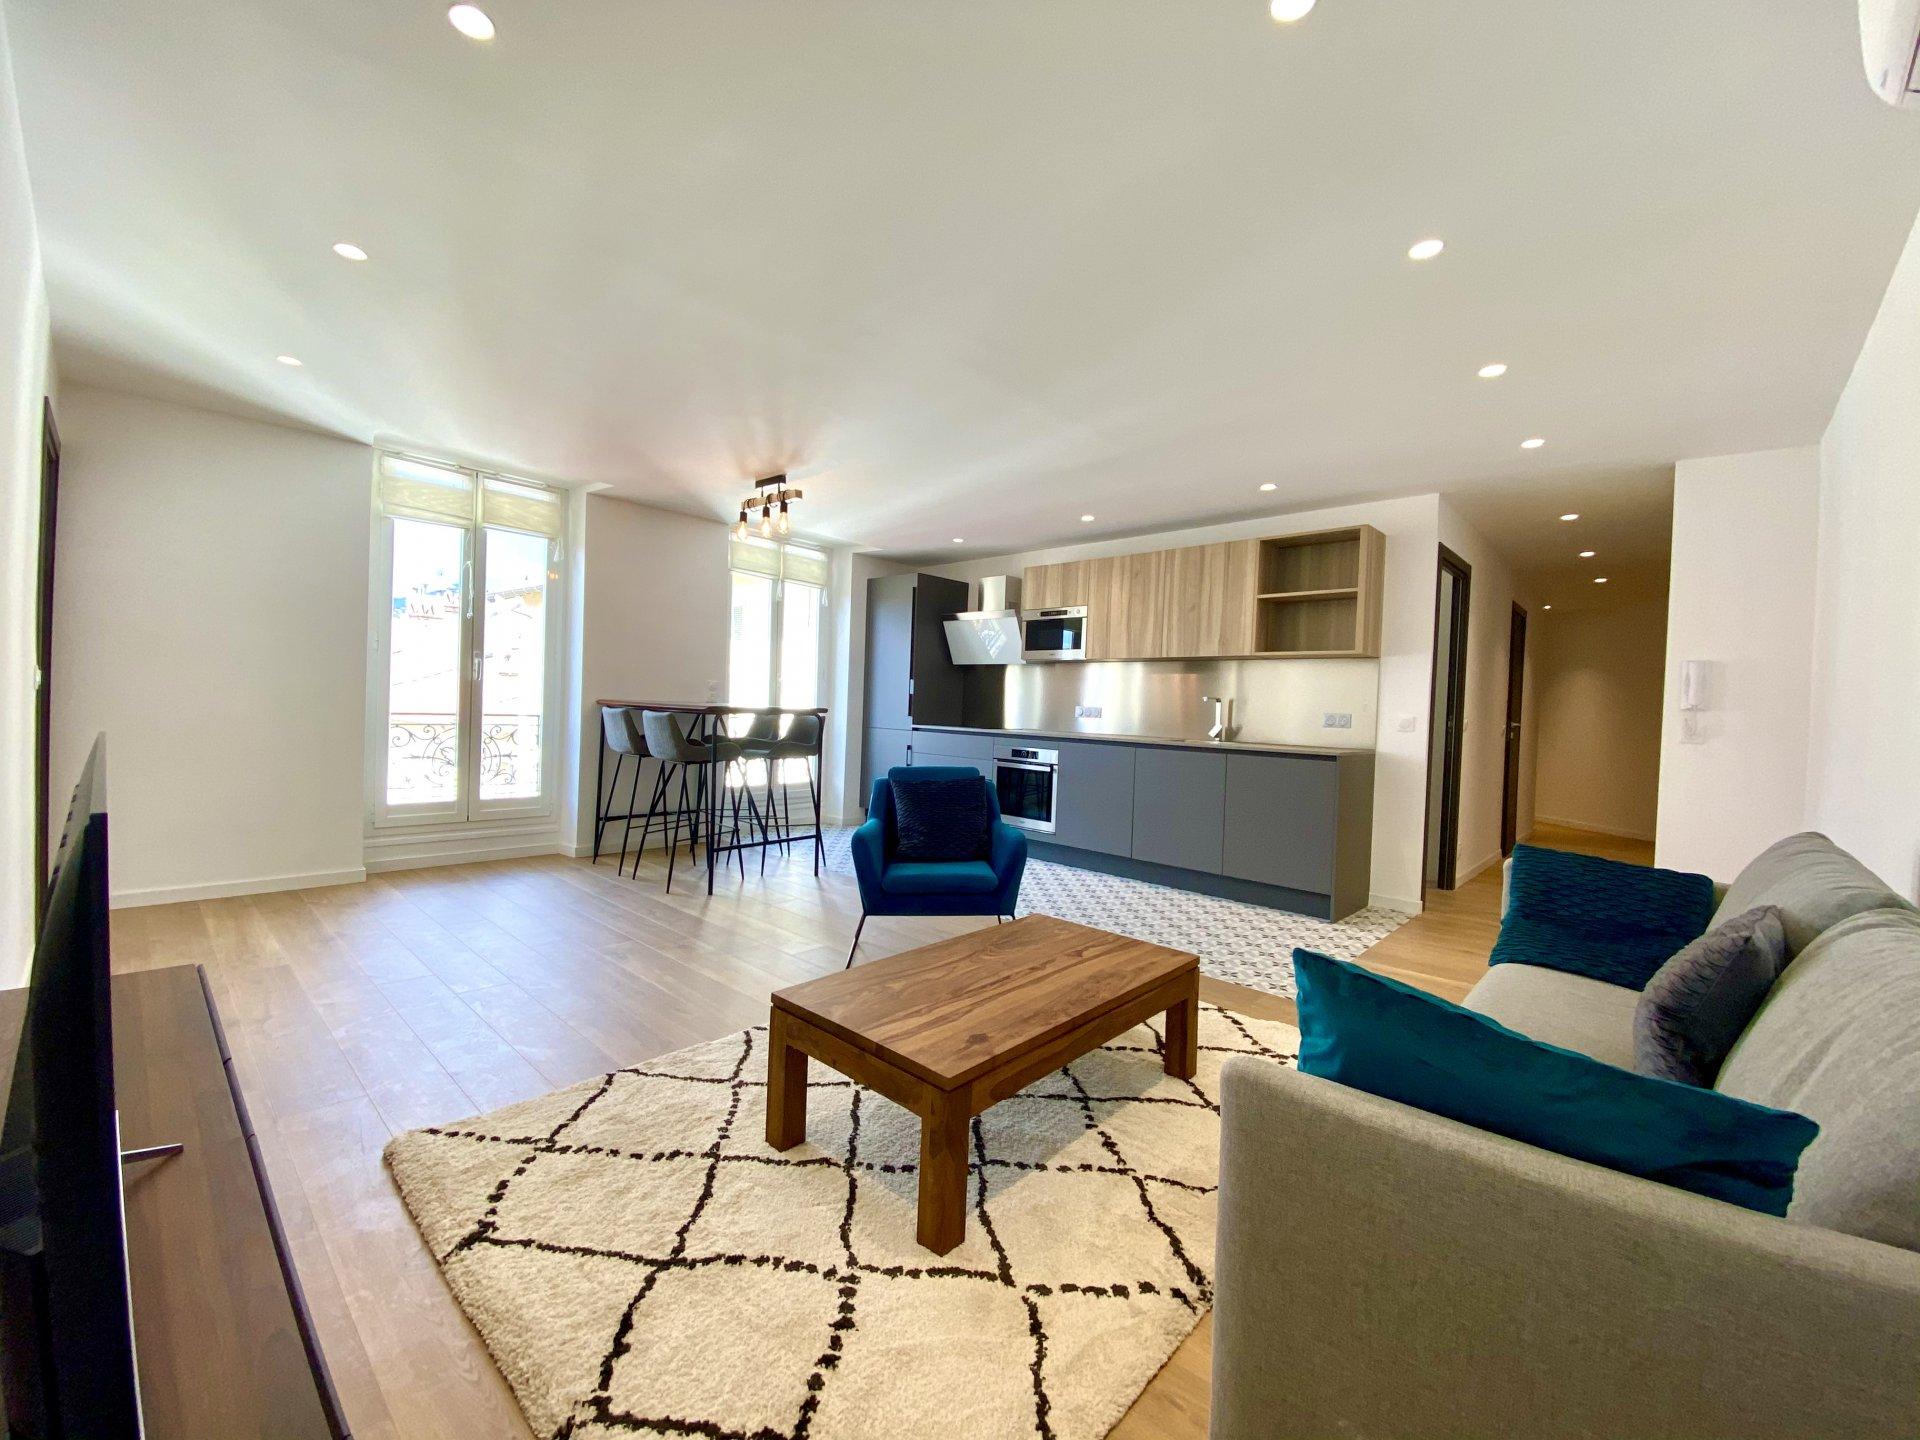 NICE CARABACEL : Quiet 2 Bedrooms apartement on the top floor